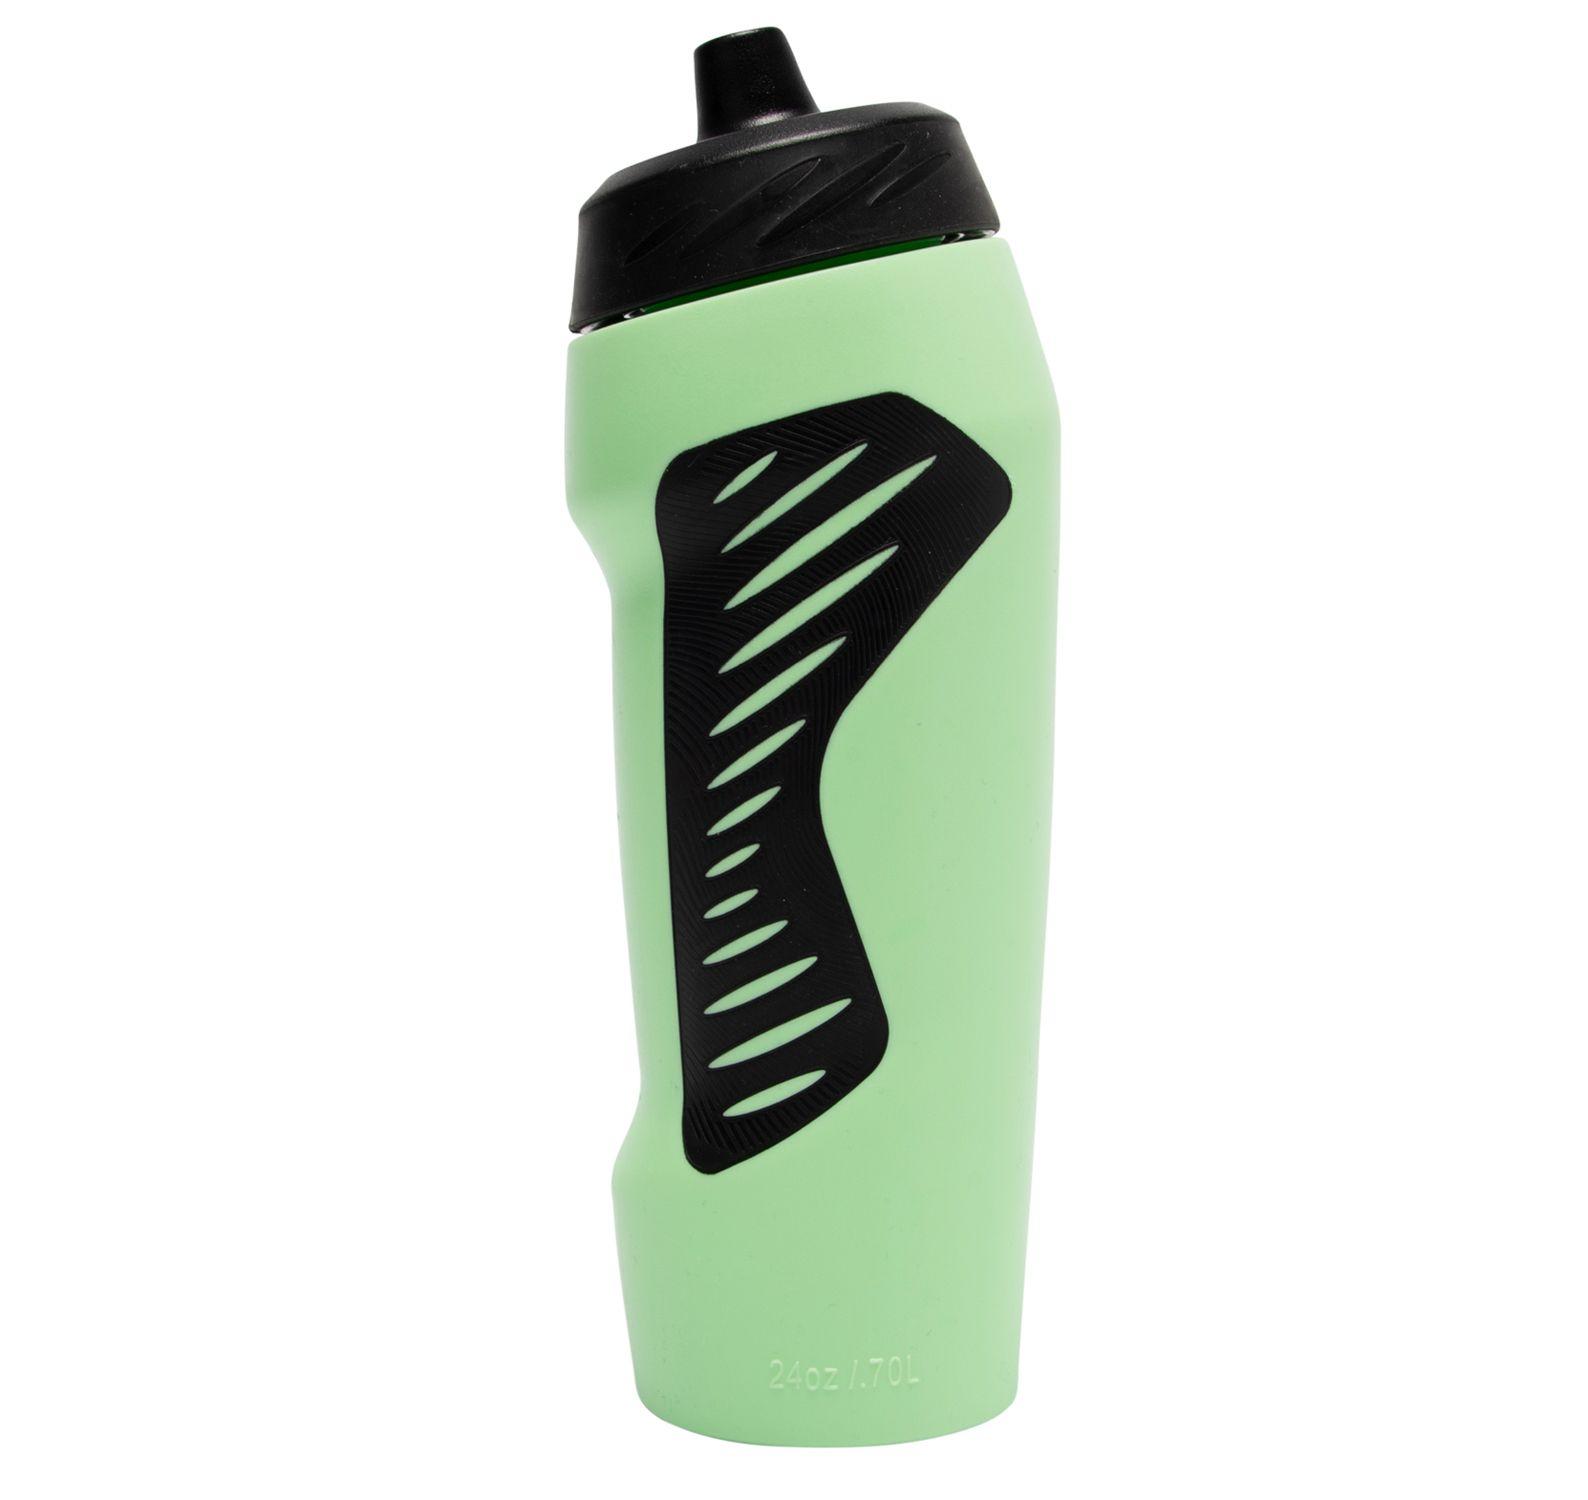 Nike Hyperfuel Bottle 24 Oz, Vapor Green/Black/Black/Black, Onesize, Nike